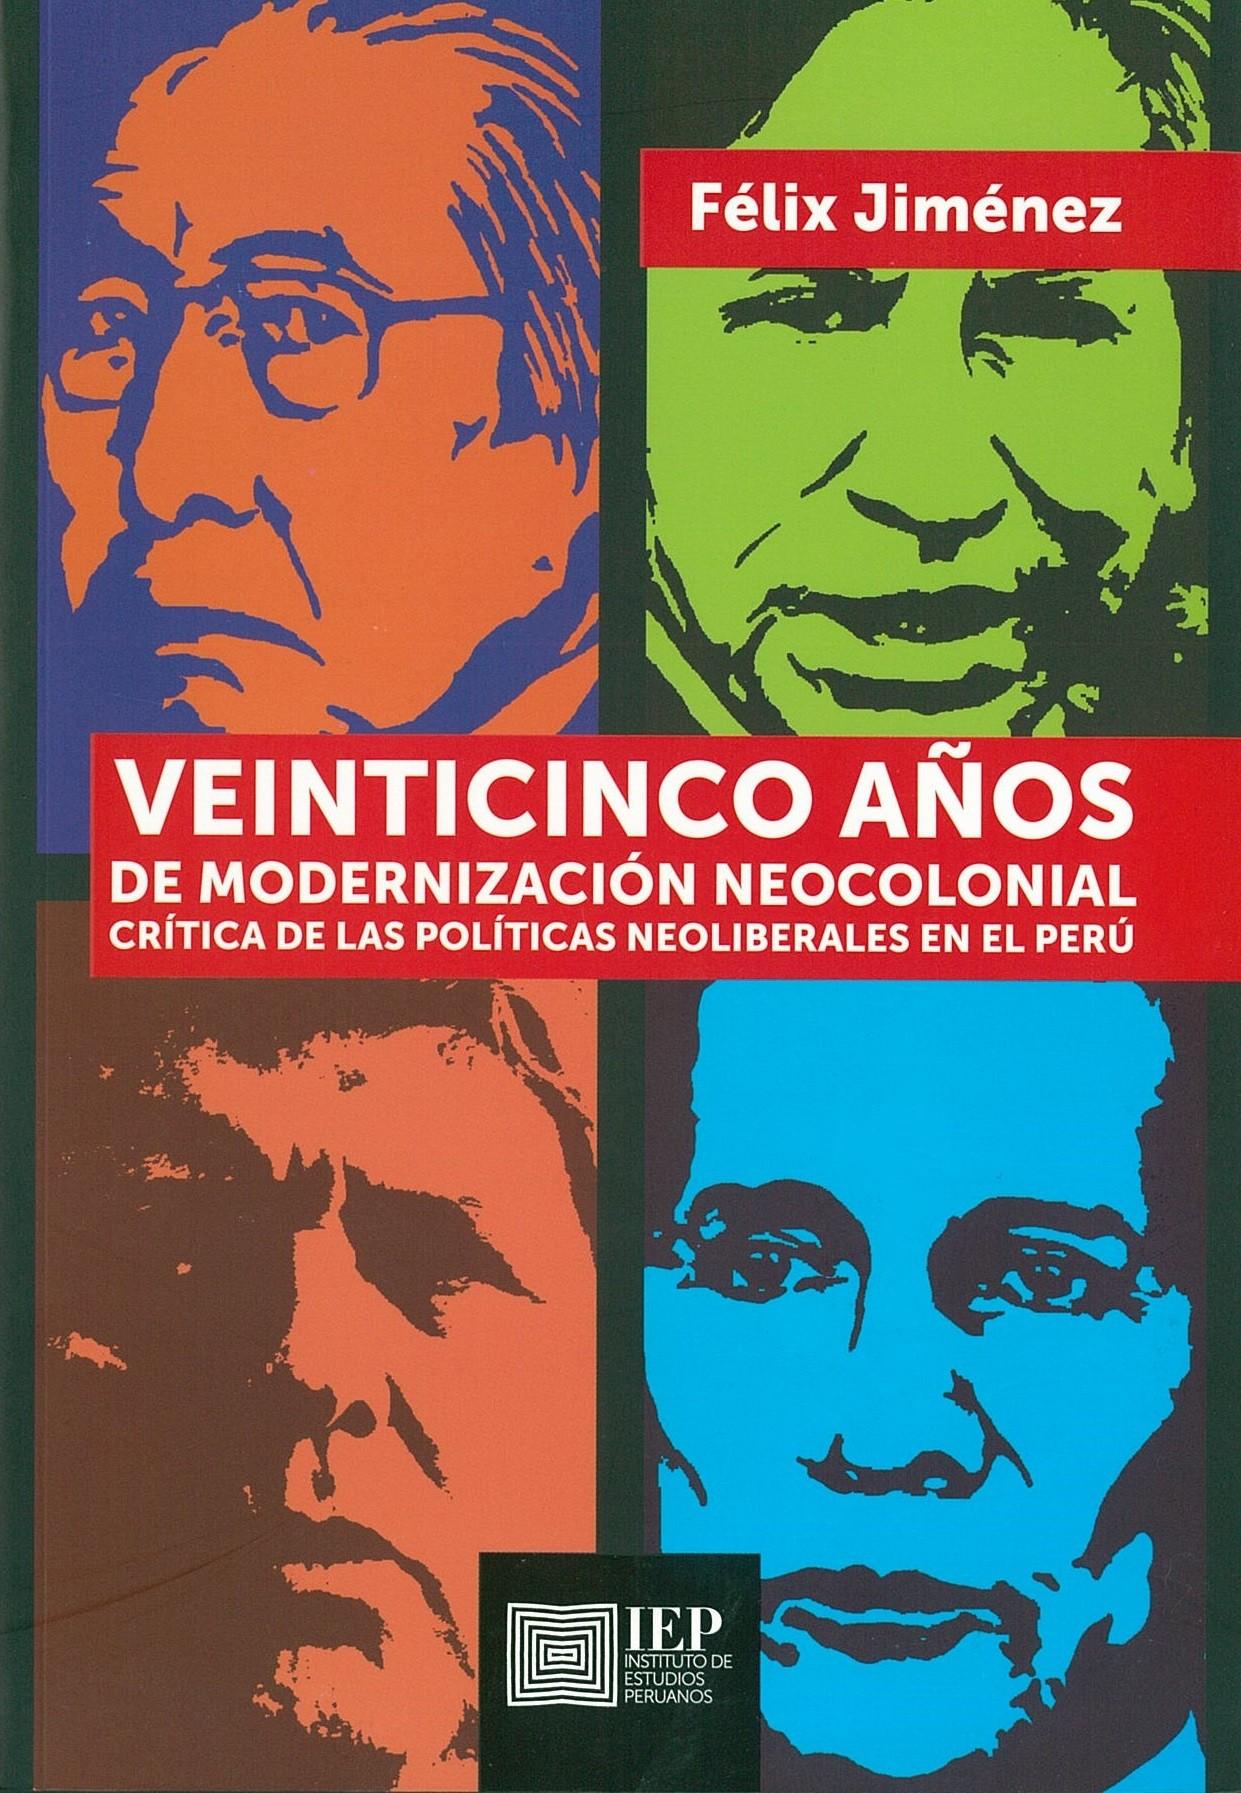 Veinticinco años de modernización neocolonial